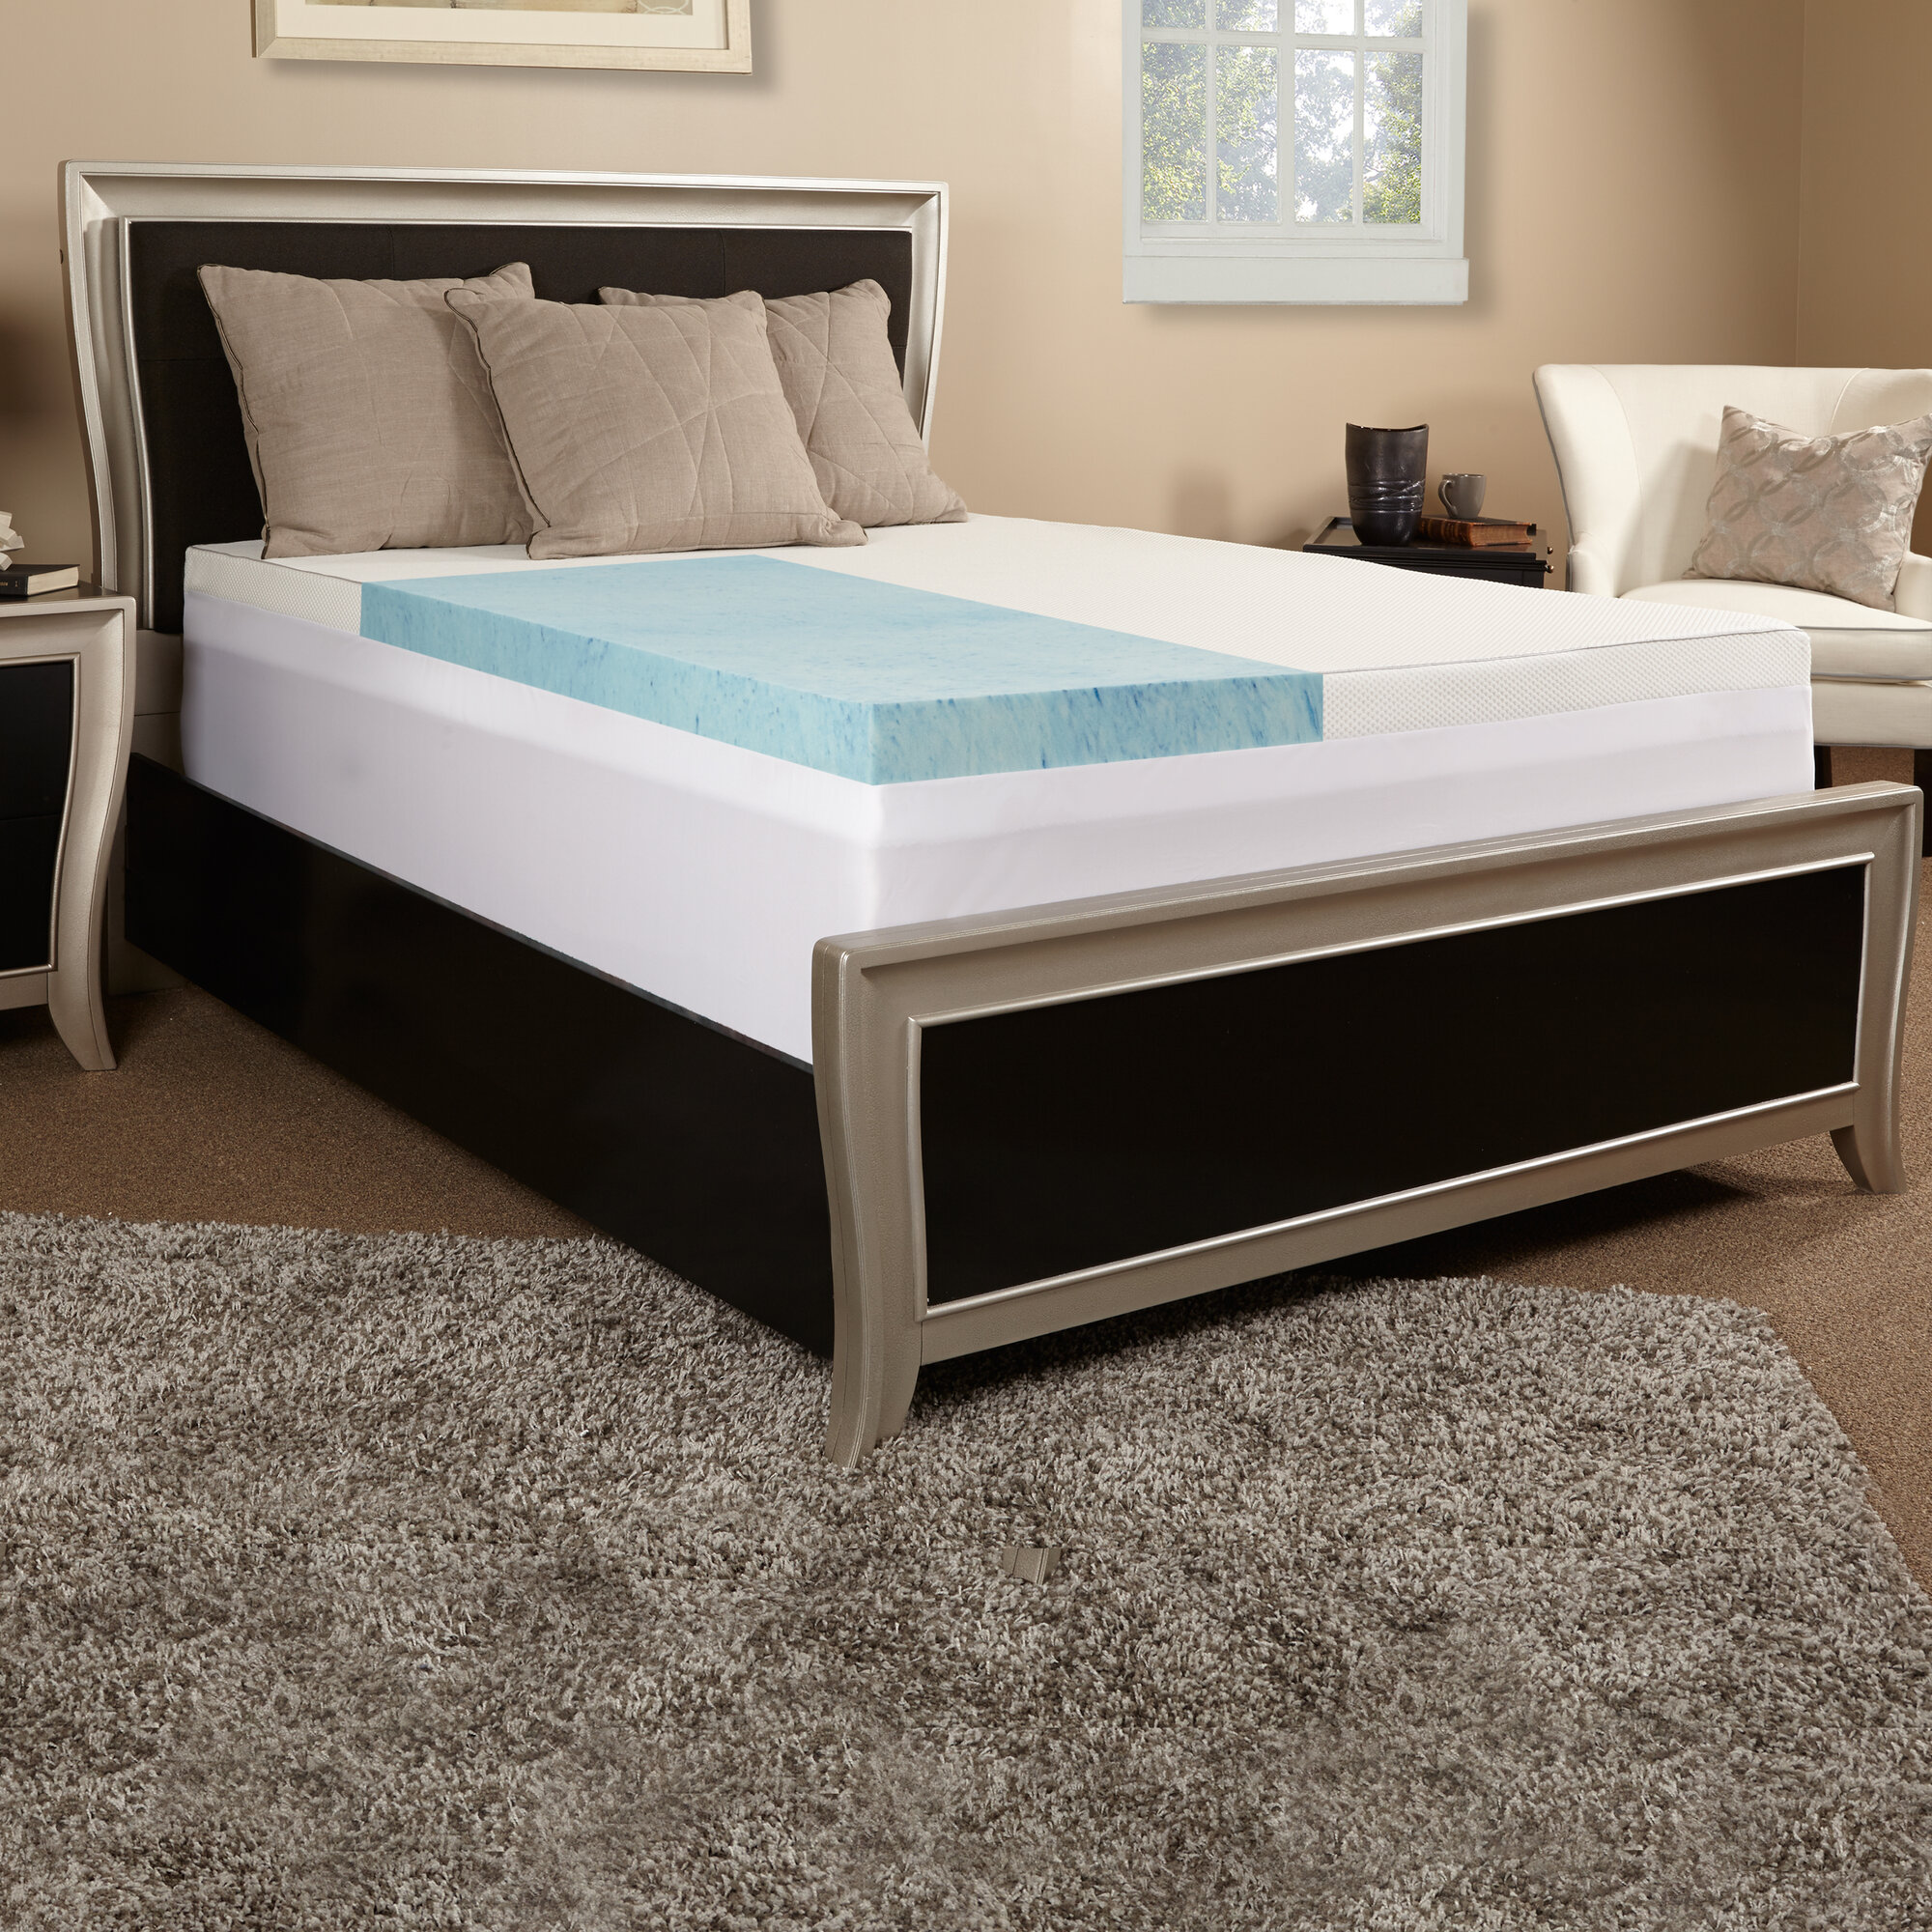 Luxury Solutions 3 Quot Gel Memory Foam Mattress Topper W